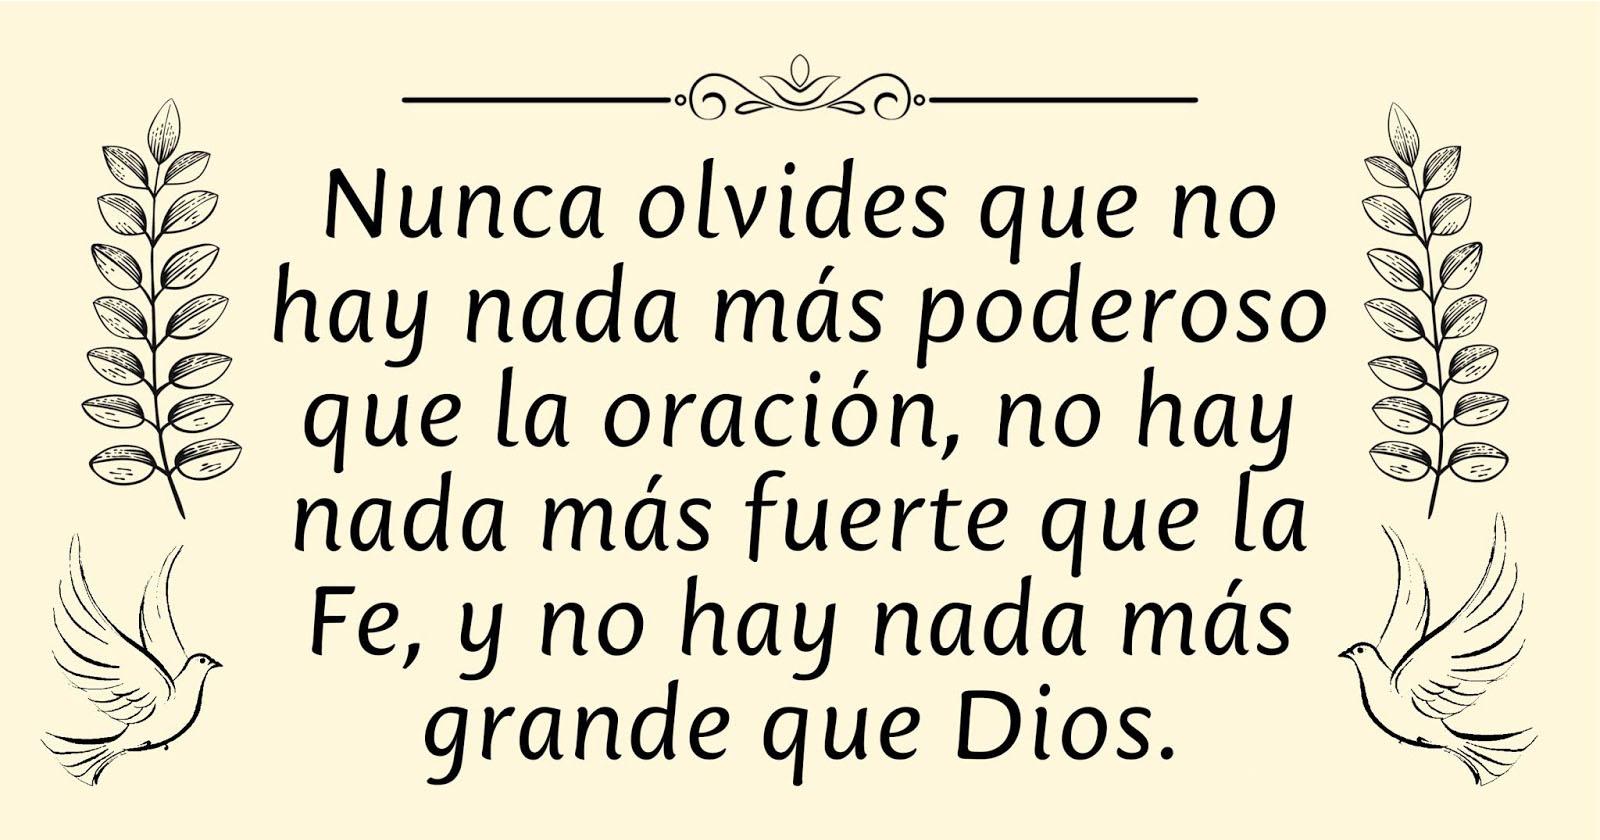 Oración a Dios Padre, Hijo y Espíritu Santo.